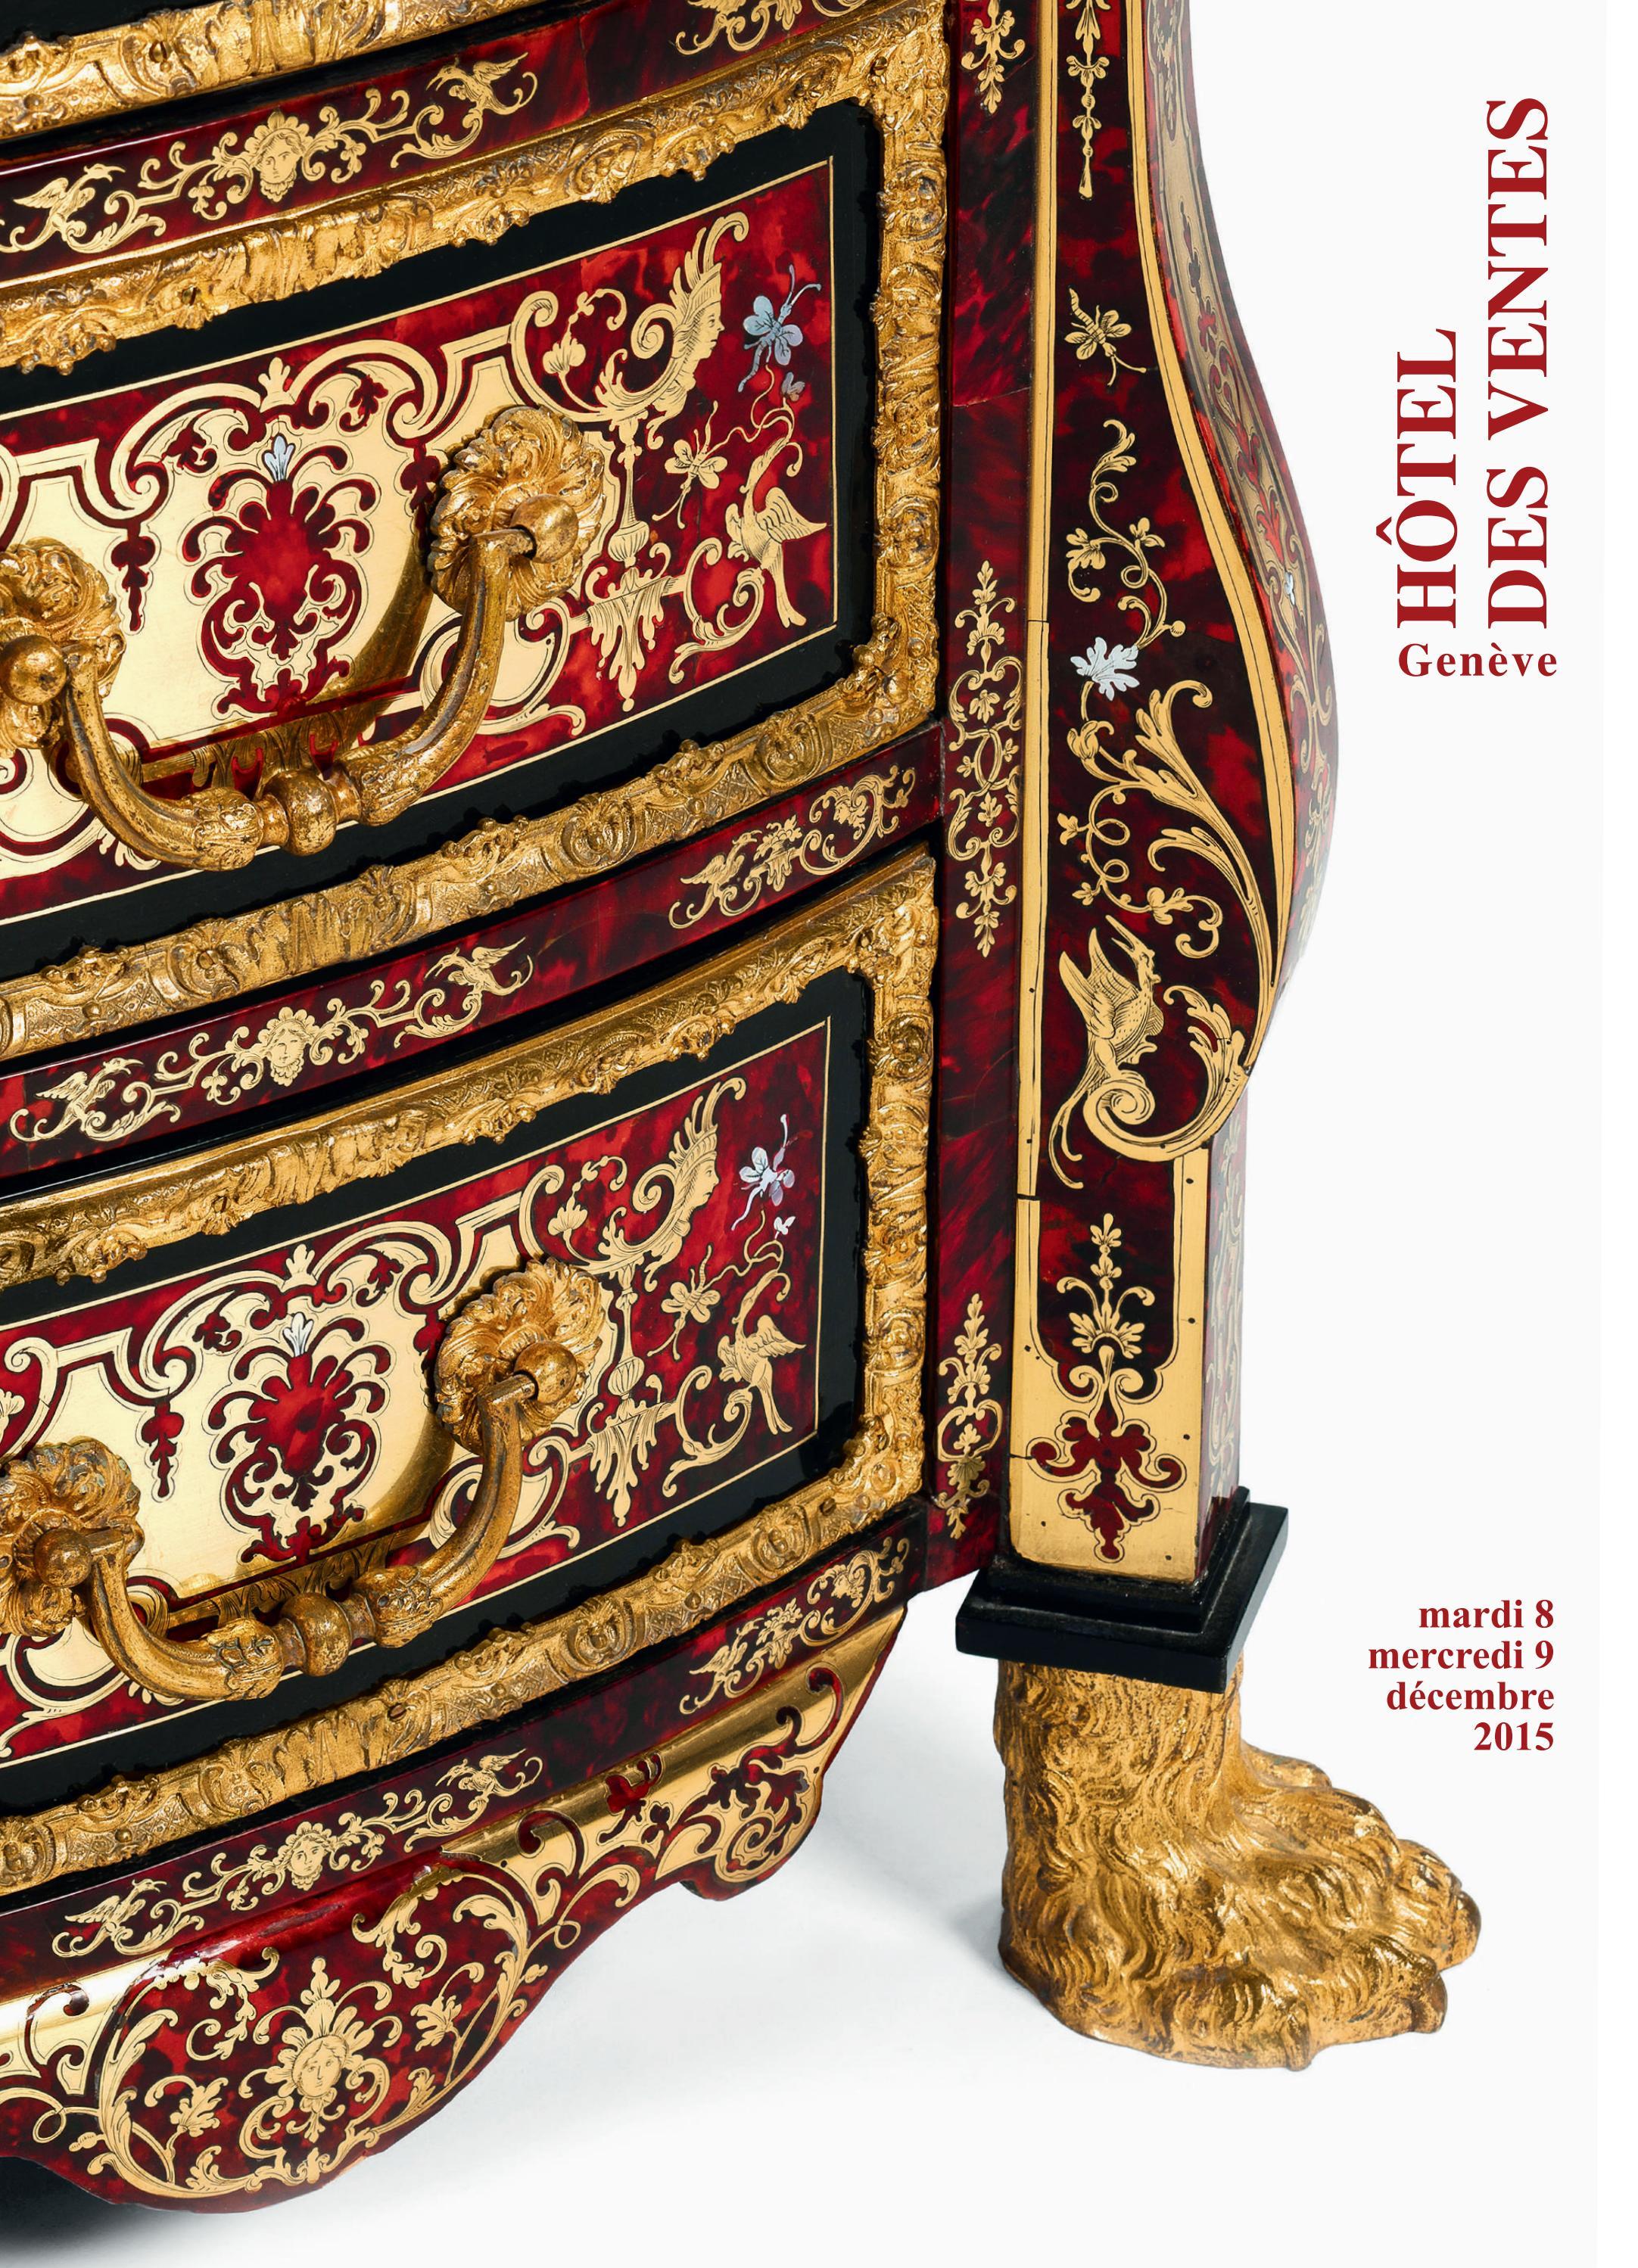 Genève Hôtel By Issuu Piguet Principale 2015 Ventes Decembre Des Catalogue Vente Hdv 0q4avn